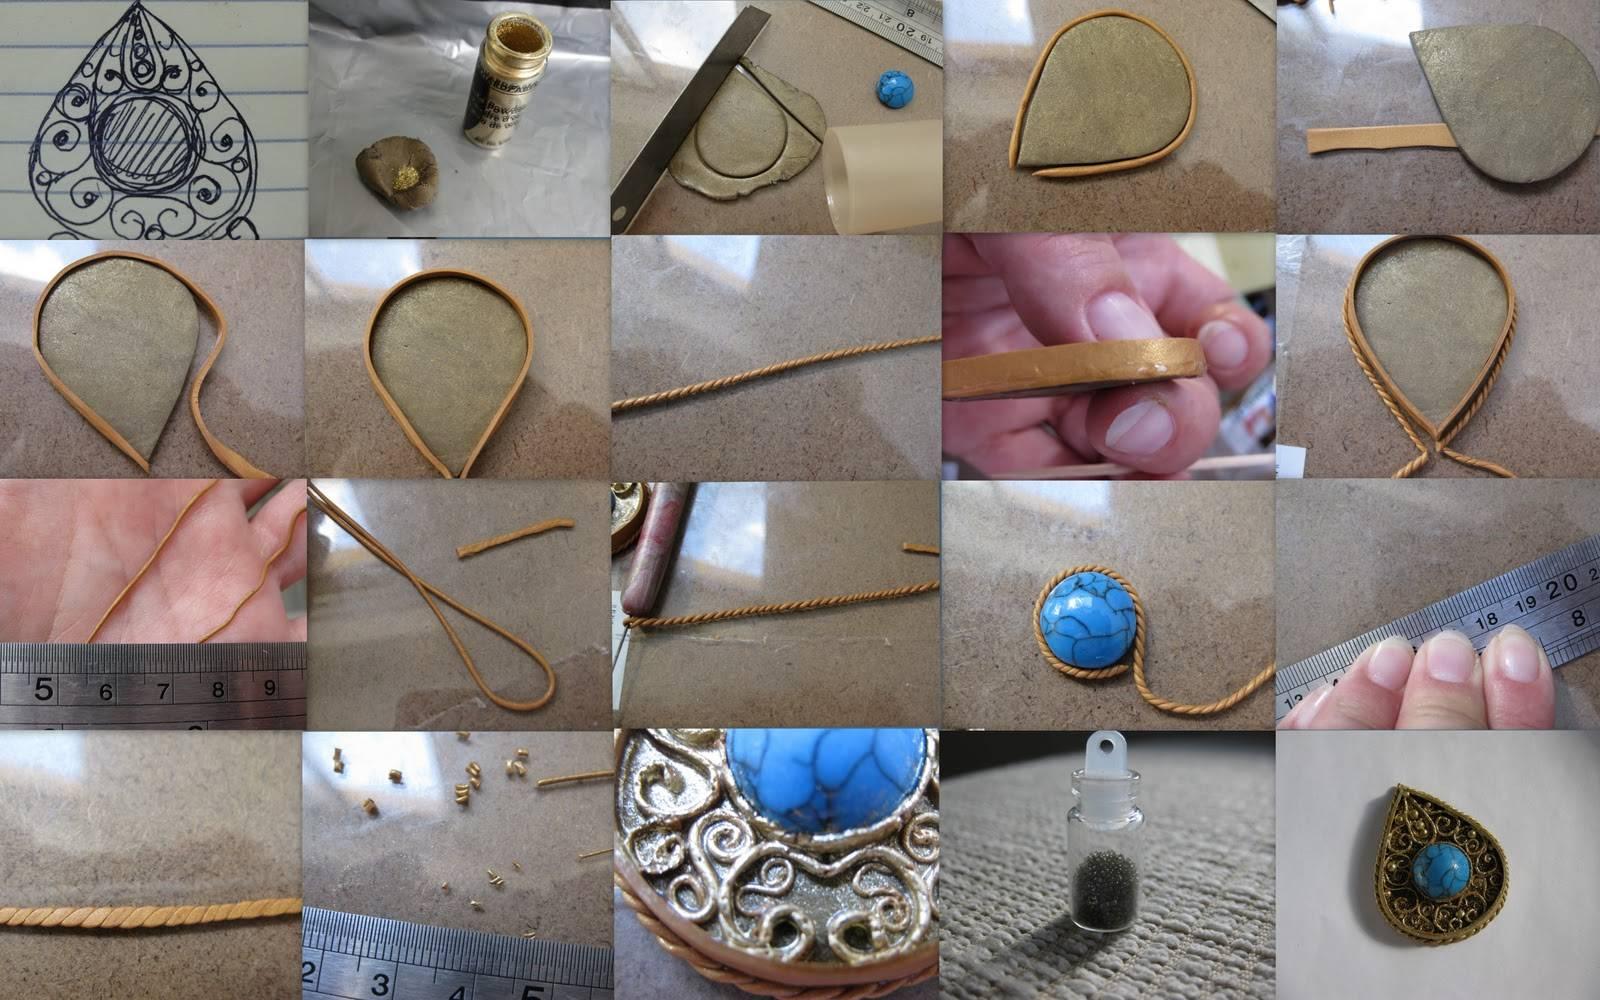 Поделки из камней: удивительные идеи и оригинальные решения применения камней (90 фото)